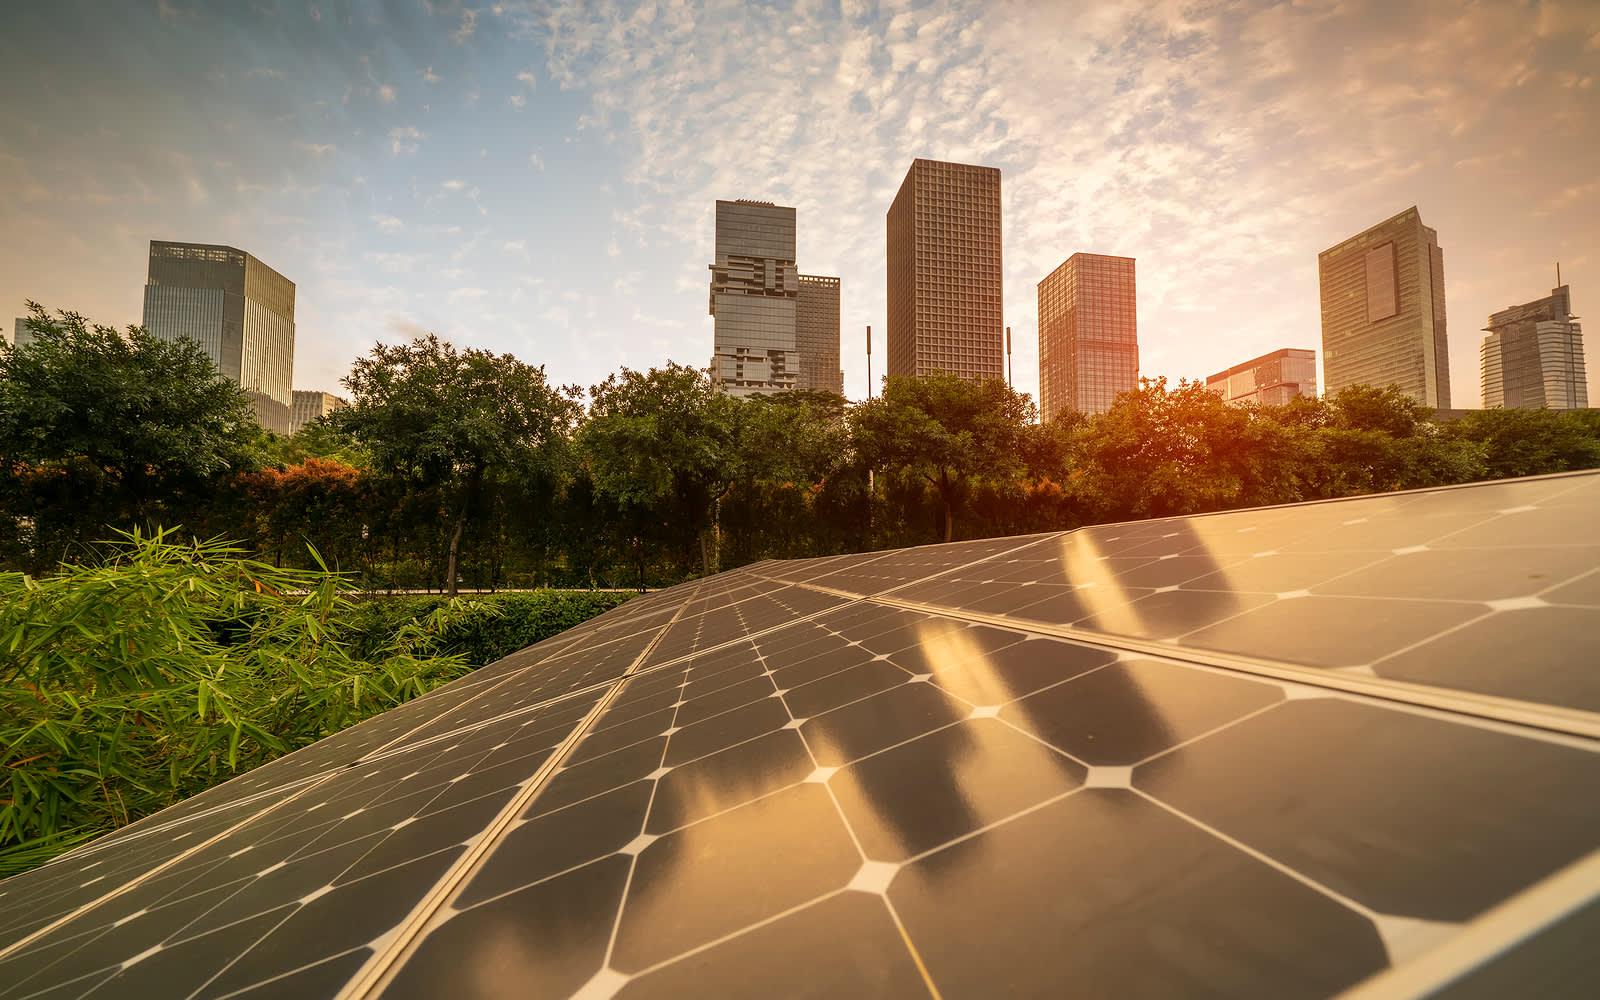 bigstock-Ecological-energy-renewable-so-337106545